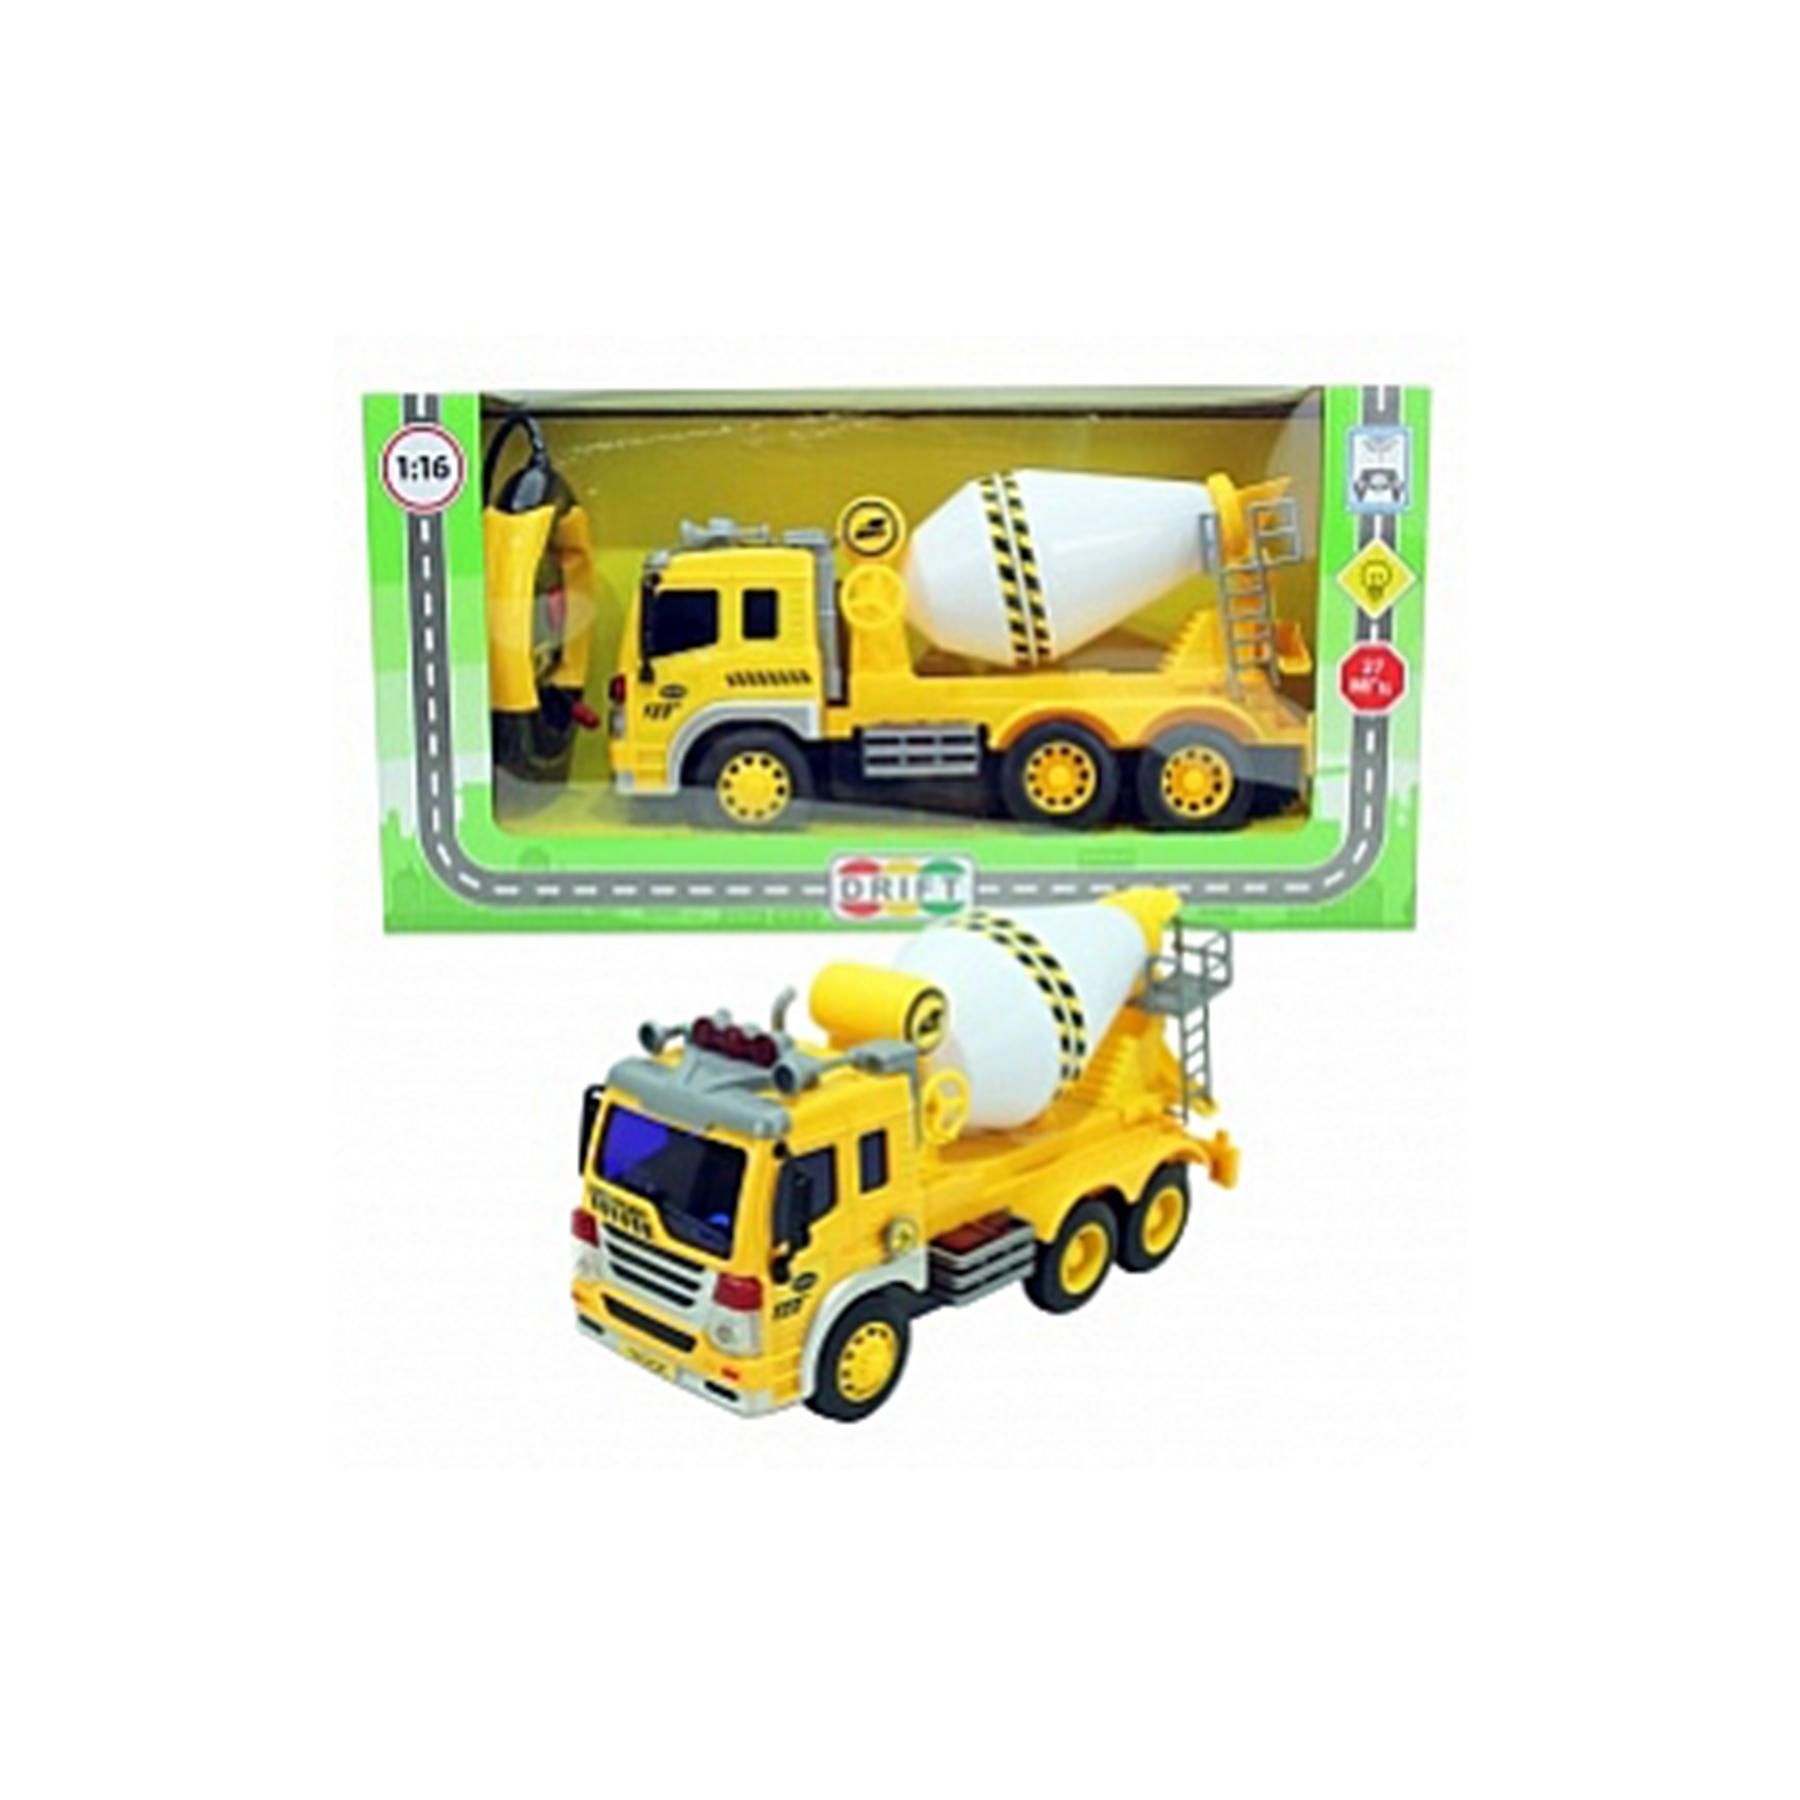 Машина р/у грузовик-бетономешалка, со зв. и св., 26*10*14,5 см, 29626 (47971)